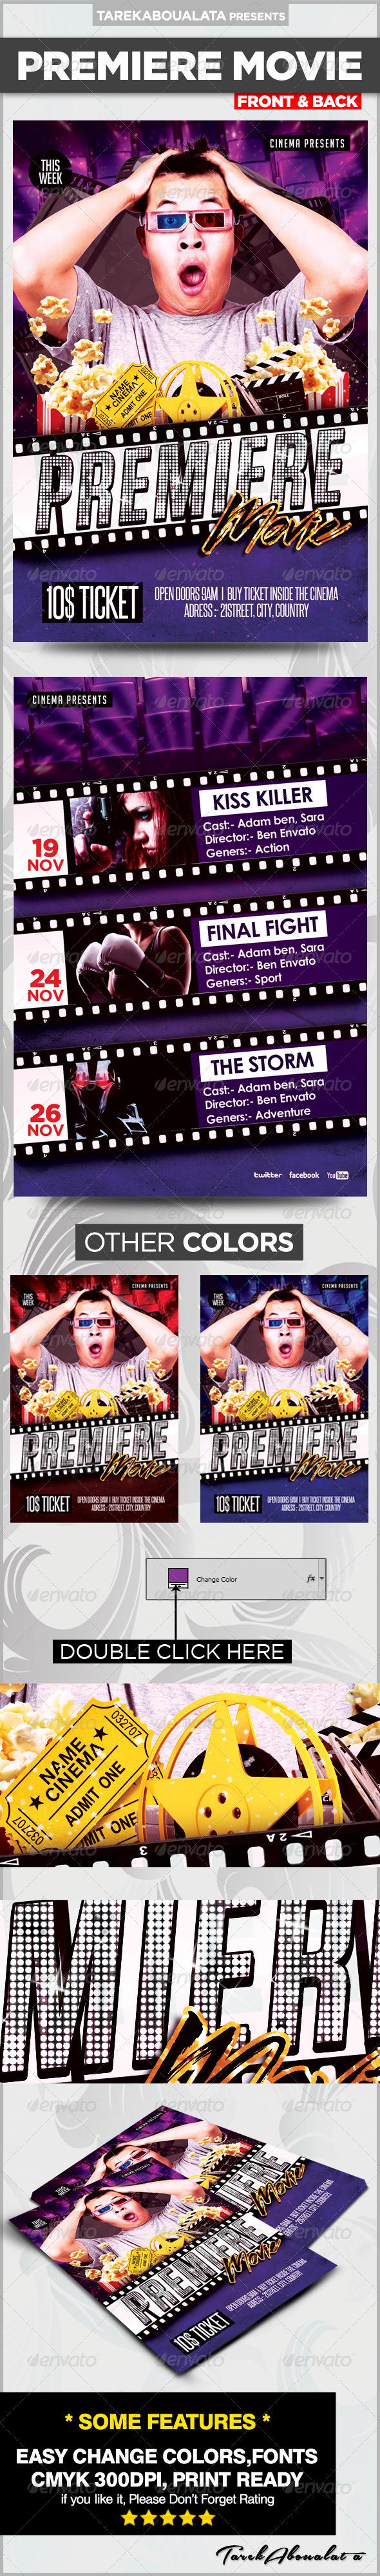 Premiere Movie Flyer  - Miscellaneous Events